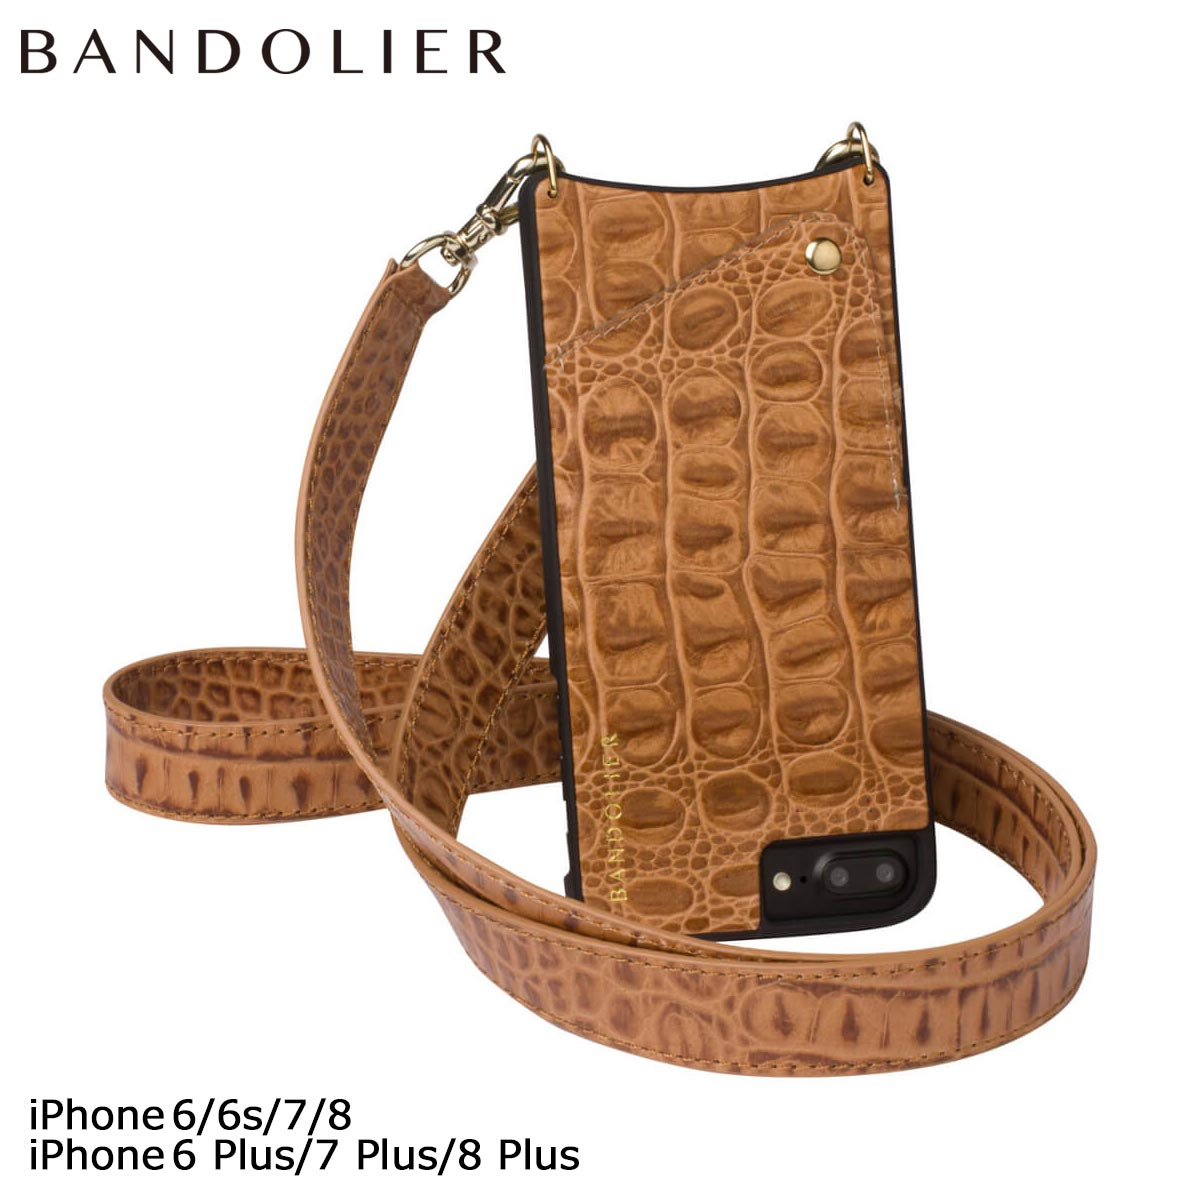 バンドリヤー BANDOLIER iPhone8 iPhone7 7Plus 6s ケース スマホ アイフォン プラス ANGELA FALL17 レザー メンズ レディース